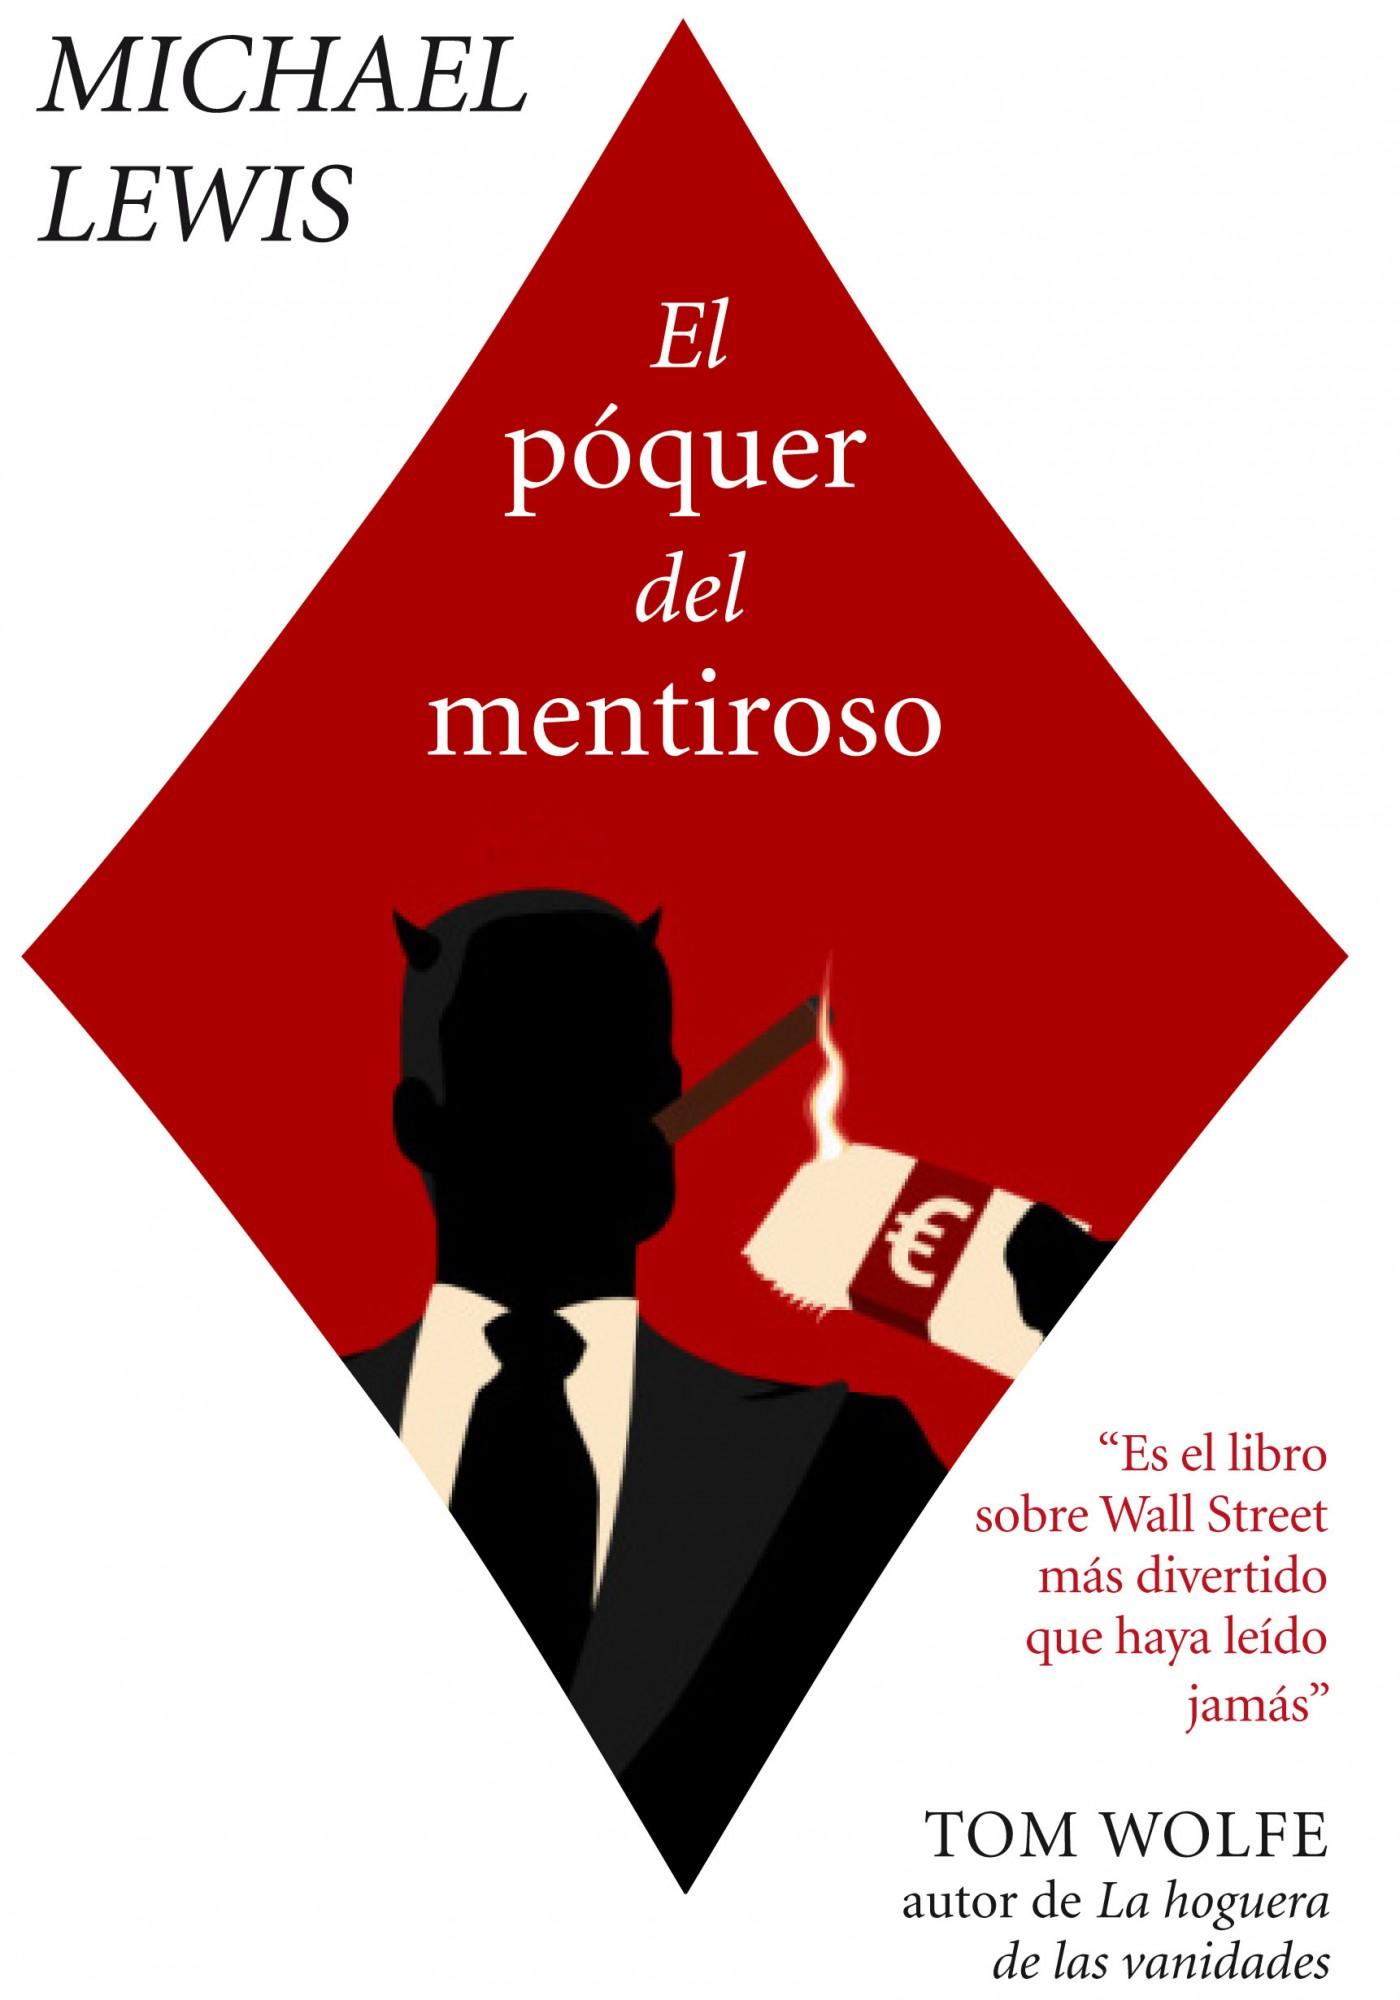 Póquer del mentiroso | ESCOACHING